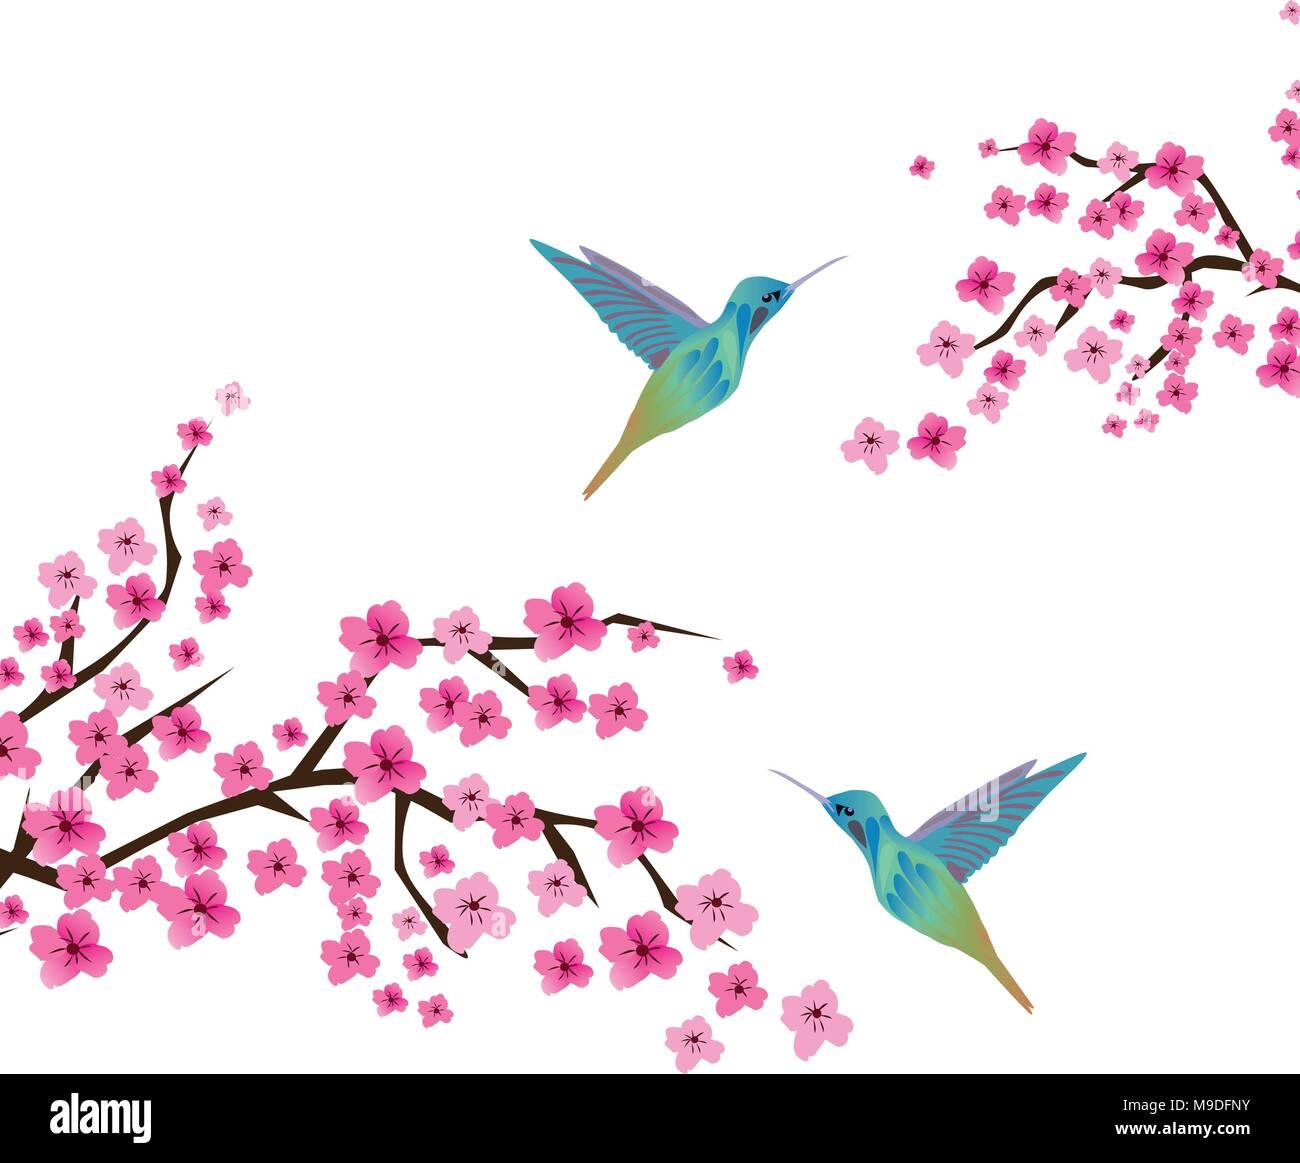 Wunderbar Malvorlagen Von Kolibris Bilder - Entry Level Resume ...